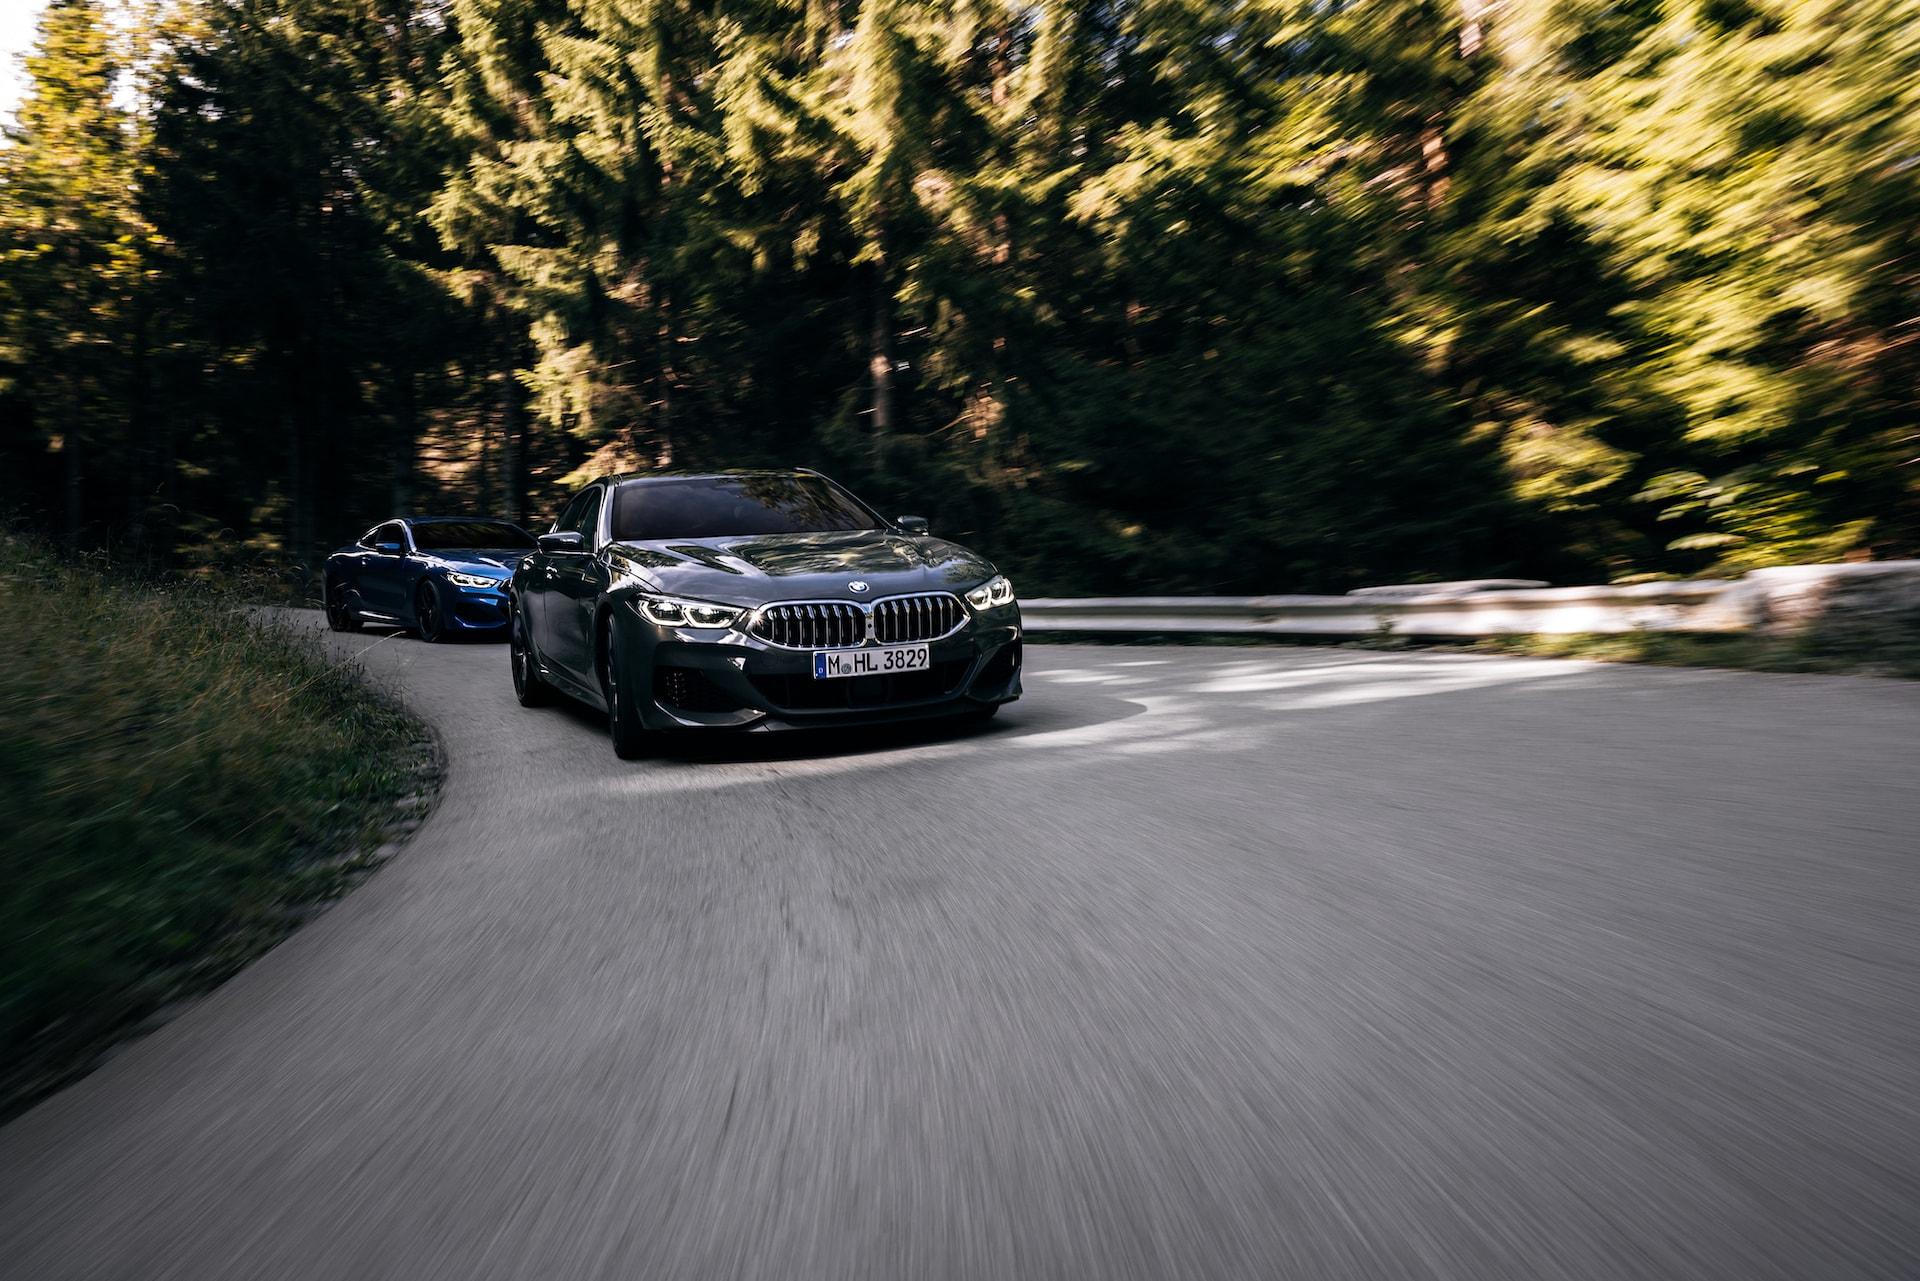 The Power of Choice: Für welches BMW Modell würdest du Dich entscheiden? 4